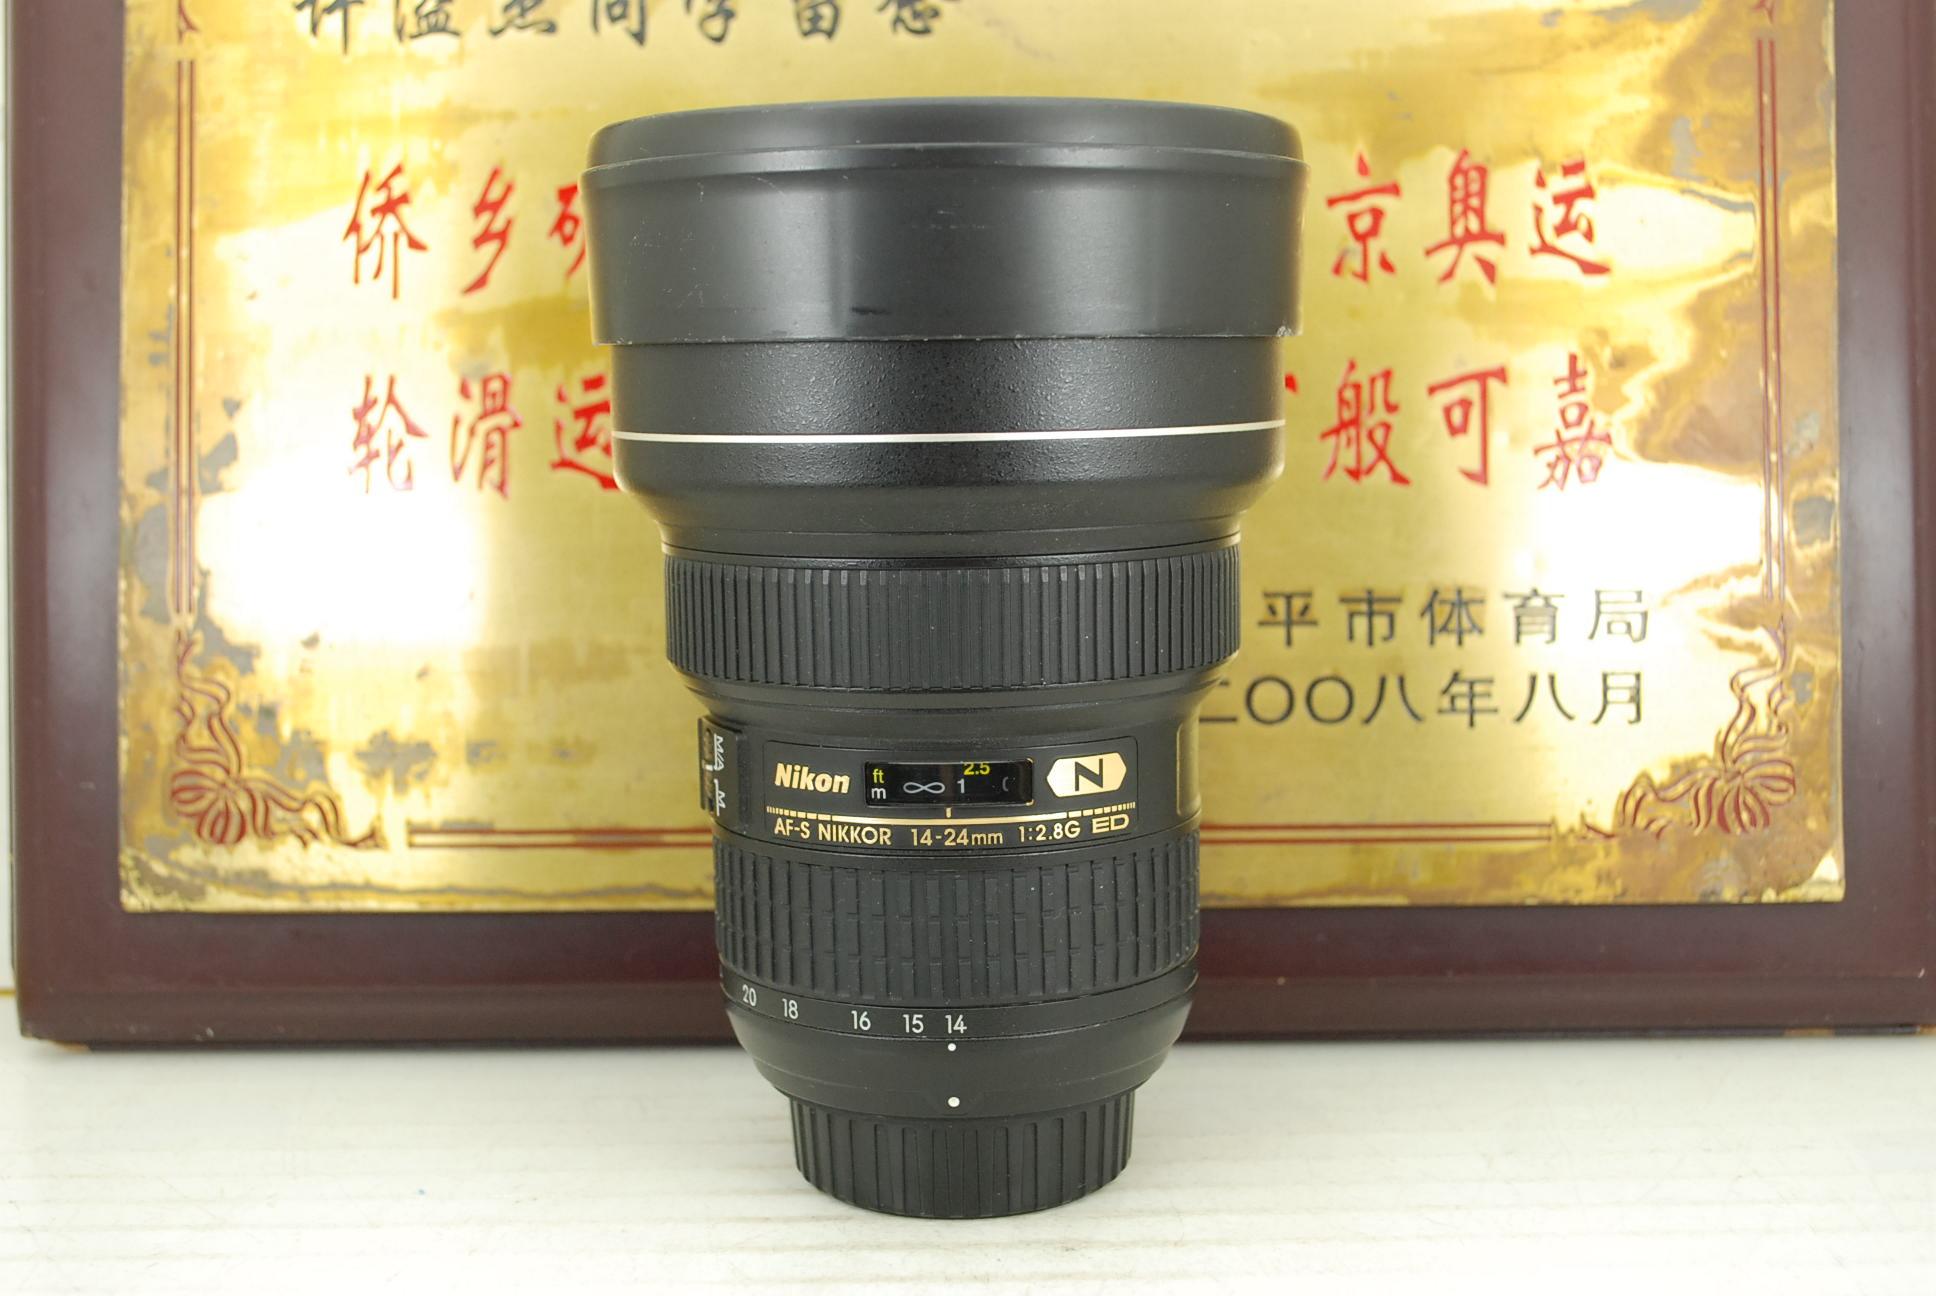 95新 尼康 14-24 F2.8G 大灯泡 单反镜头 恒圈 专业超广角 大三元